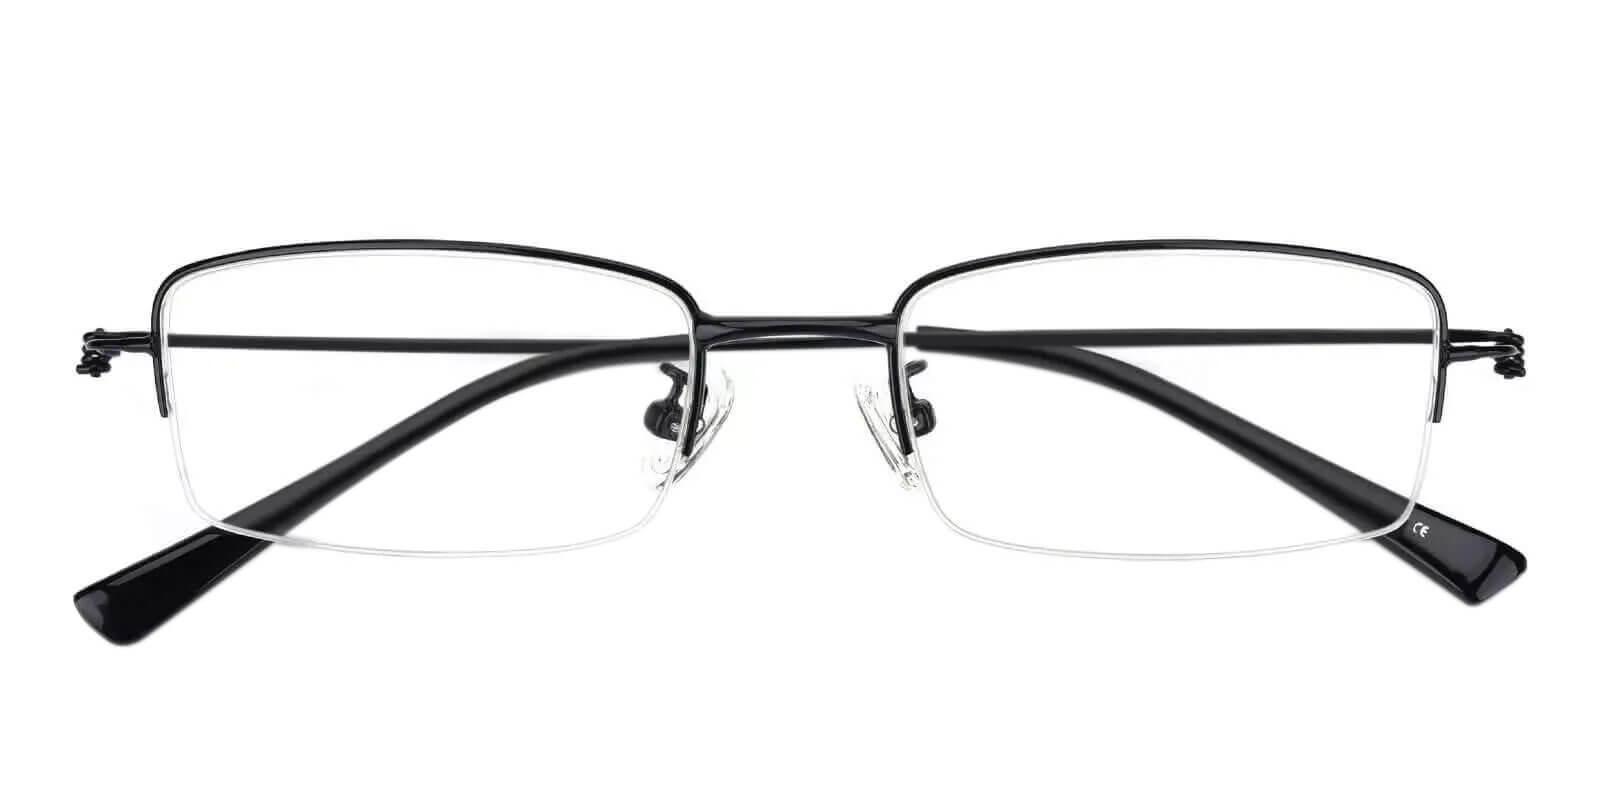 Chris Black Metal Eyeglasses , NosePads Frames from ABBE Glasses